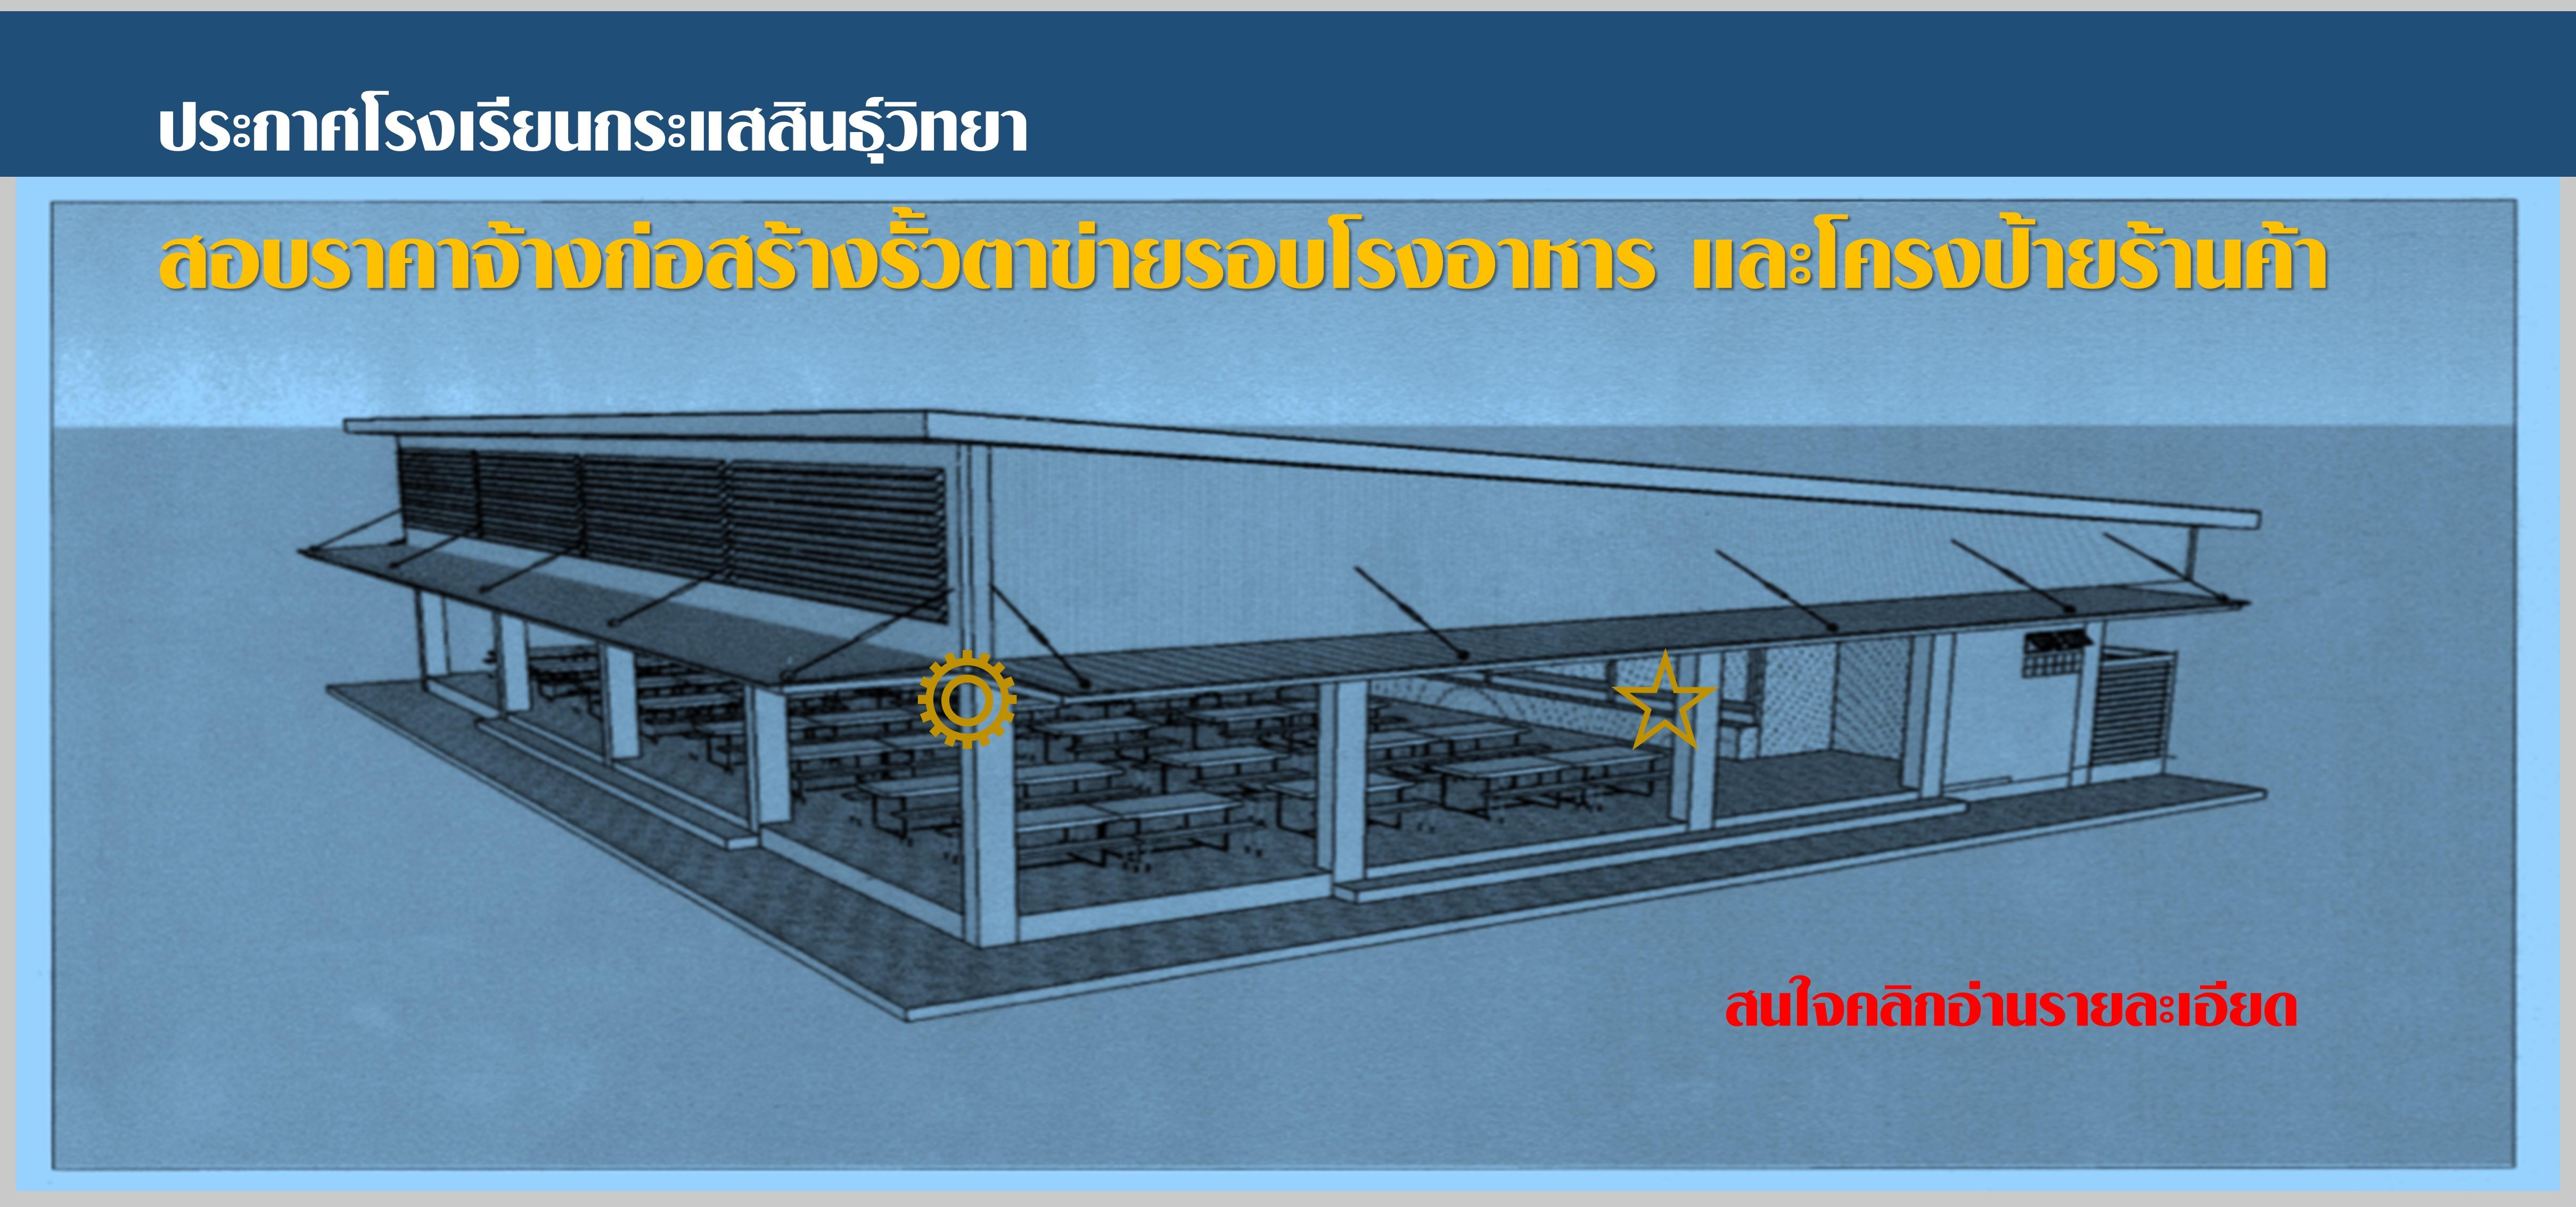 ประกาศสอบราคาจ้างก่อสร้างรั้วตาข่ายรอบโรงอาหาร และโครงป้ายร้านค้า